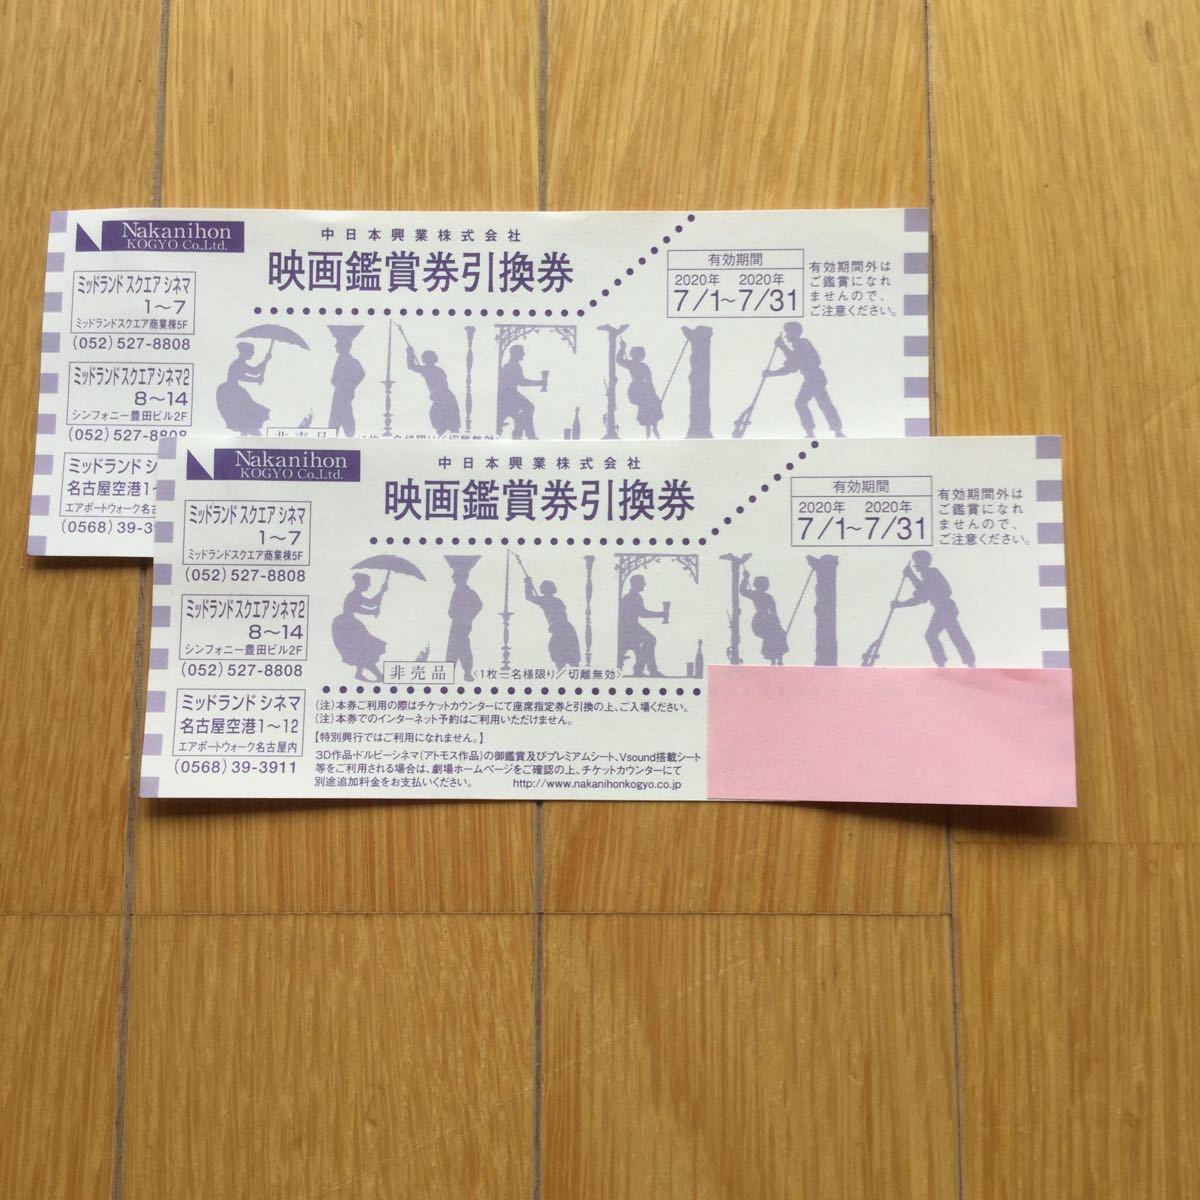 名古屋 映画鑑賞券引換券 2枚